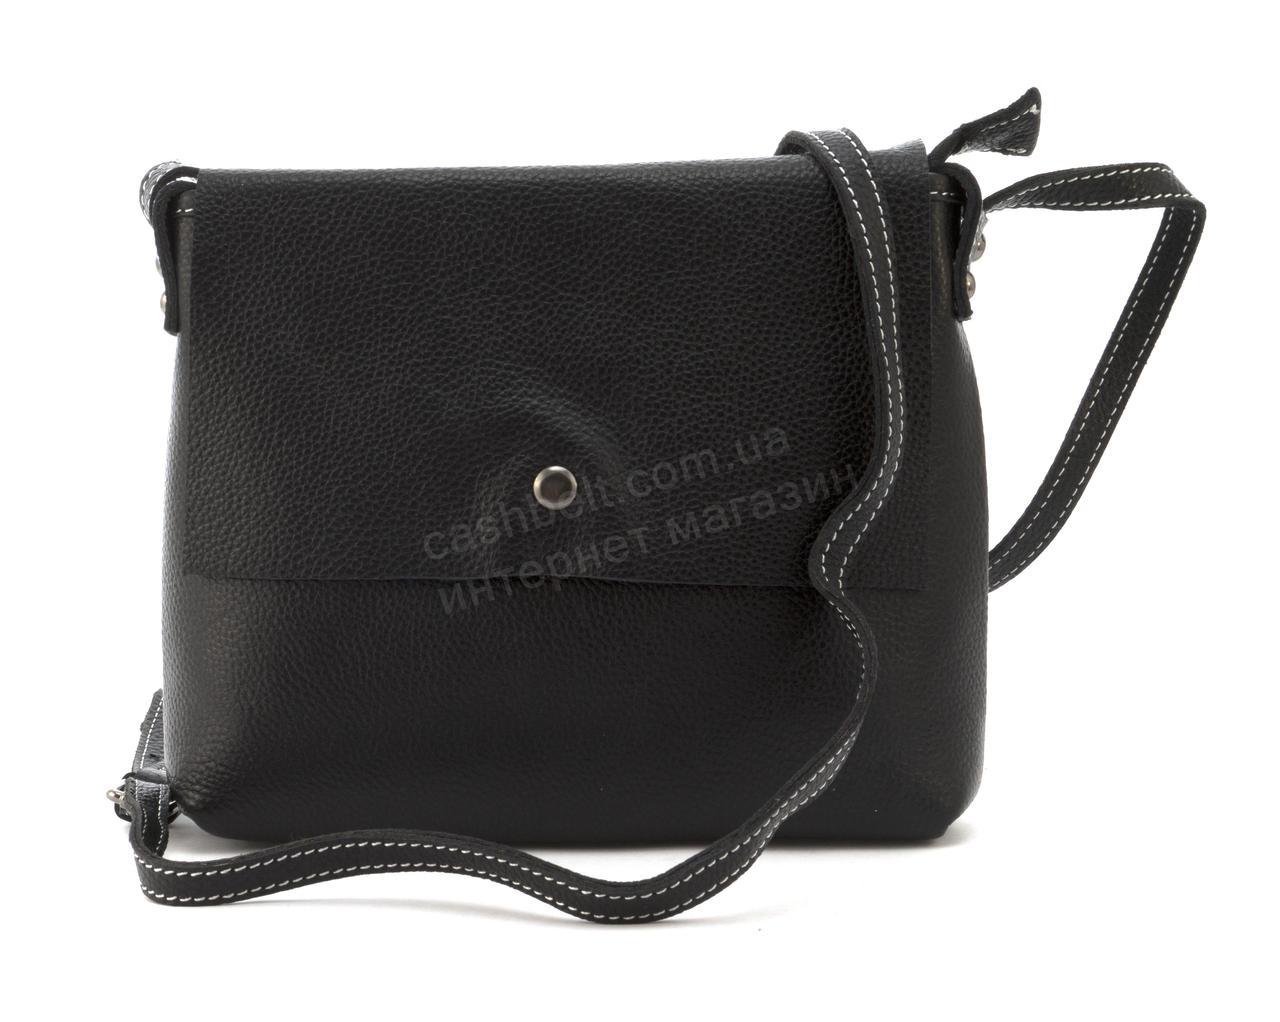 Компактная стильная женская оригинальная сумочка с натуральной кожи GALANTY art. 20039 Турция черный